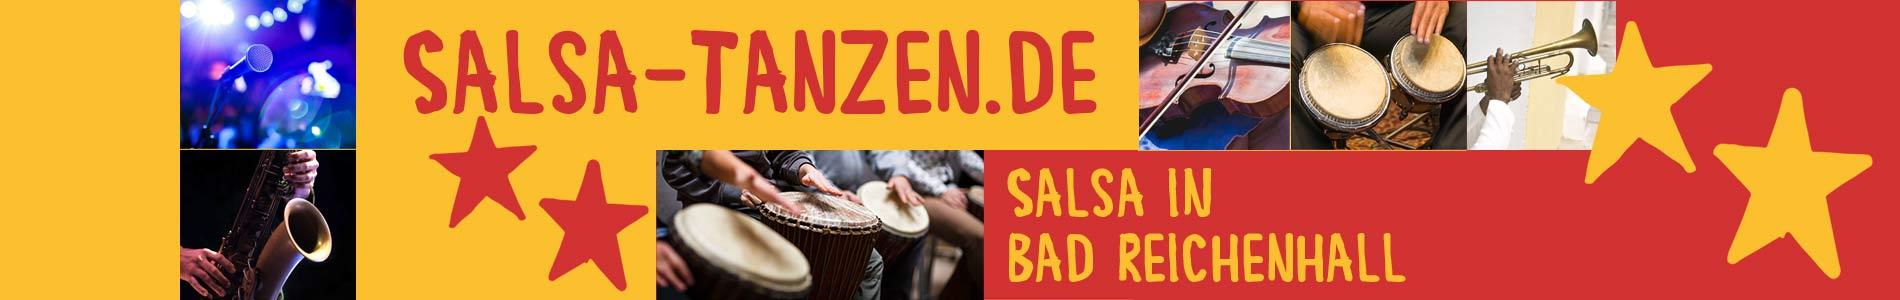 Salsa in Bad Reichenhall – Salsa lernen und tanzen, Tanzkurse, Partys, Veranstaltungen